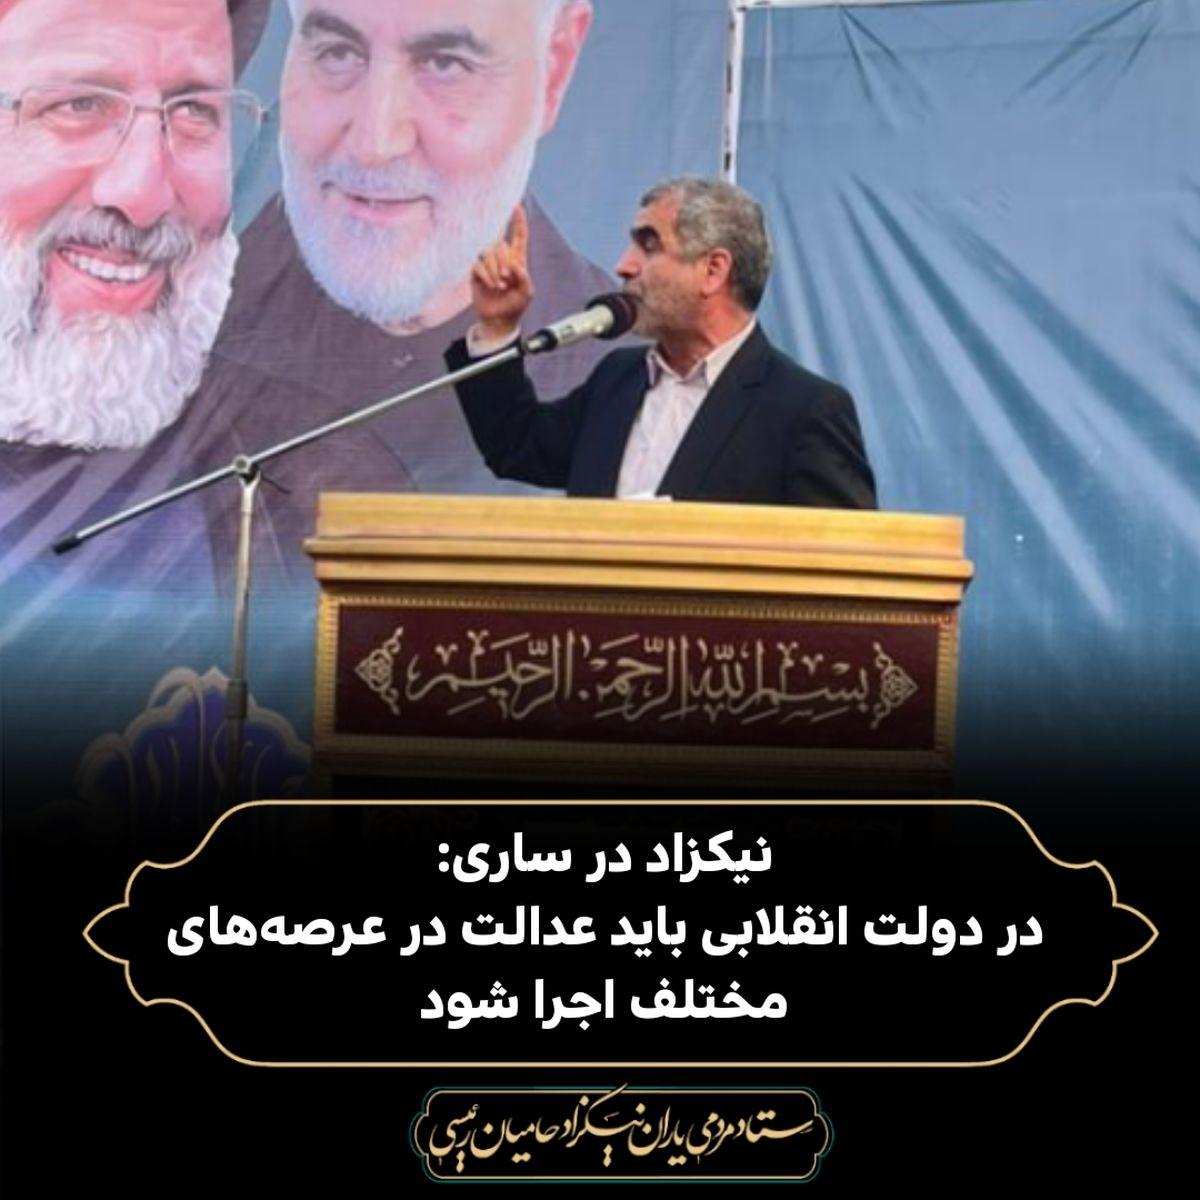 برگزاری گردهمایی بزرگ حامیان آیتالله رئیسی در مازندران